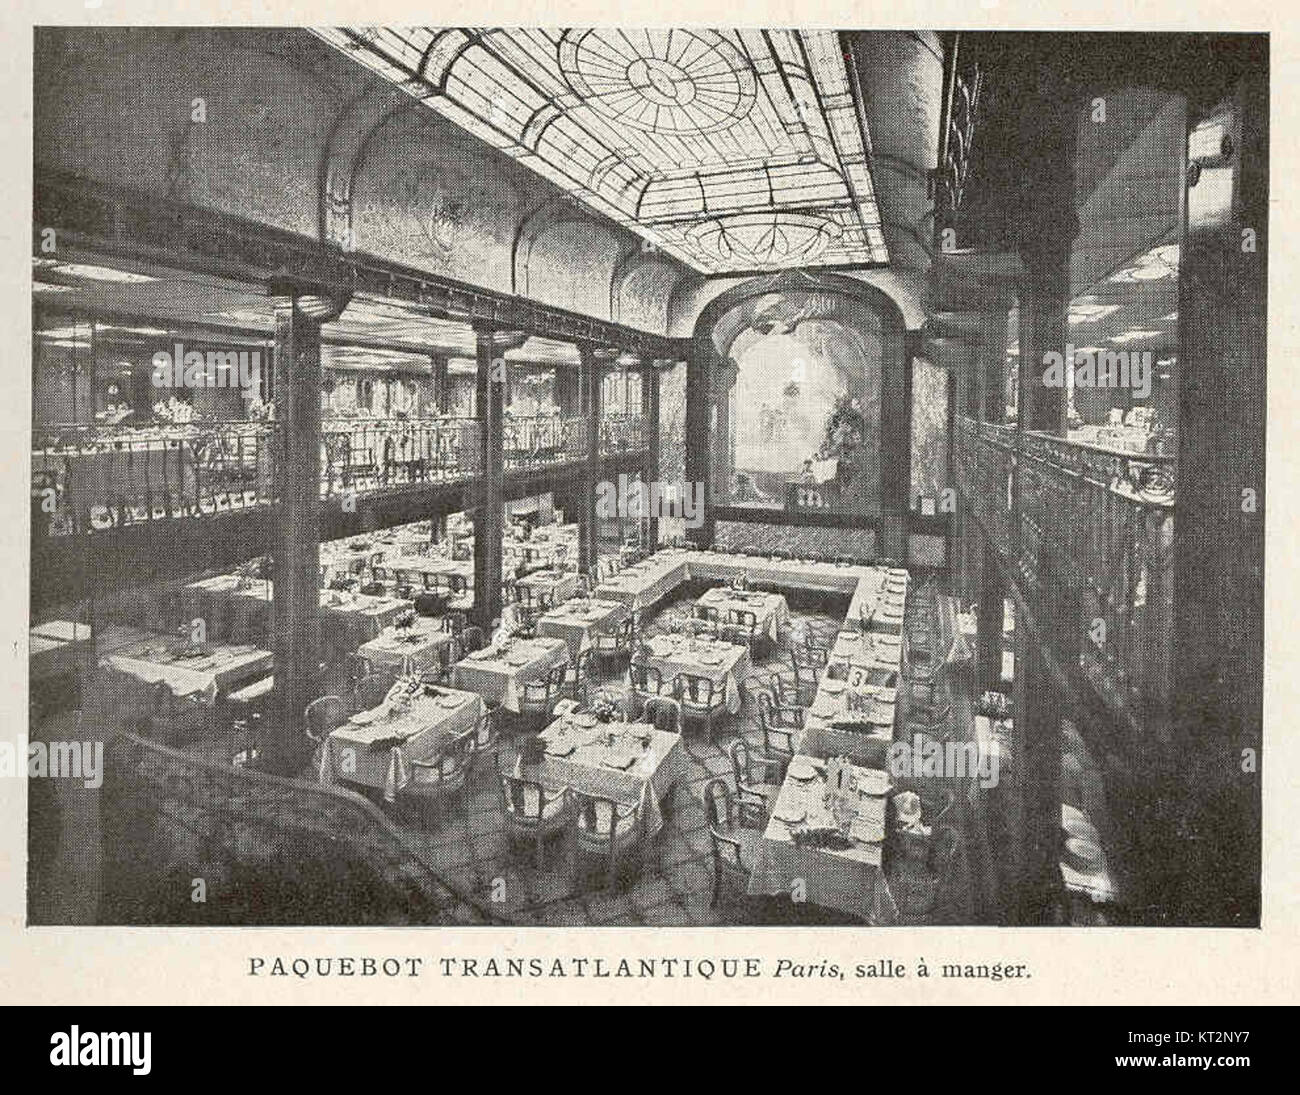 Salle A Manger Paris 37334 paquebot transatlantique paris, salle a manger stock